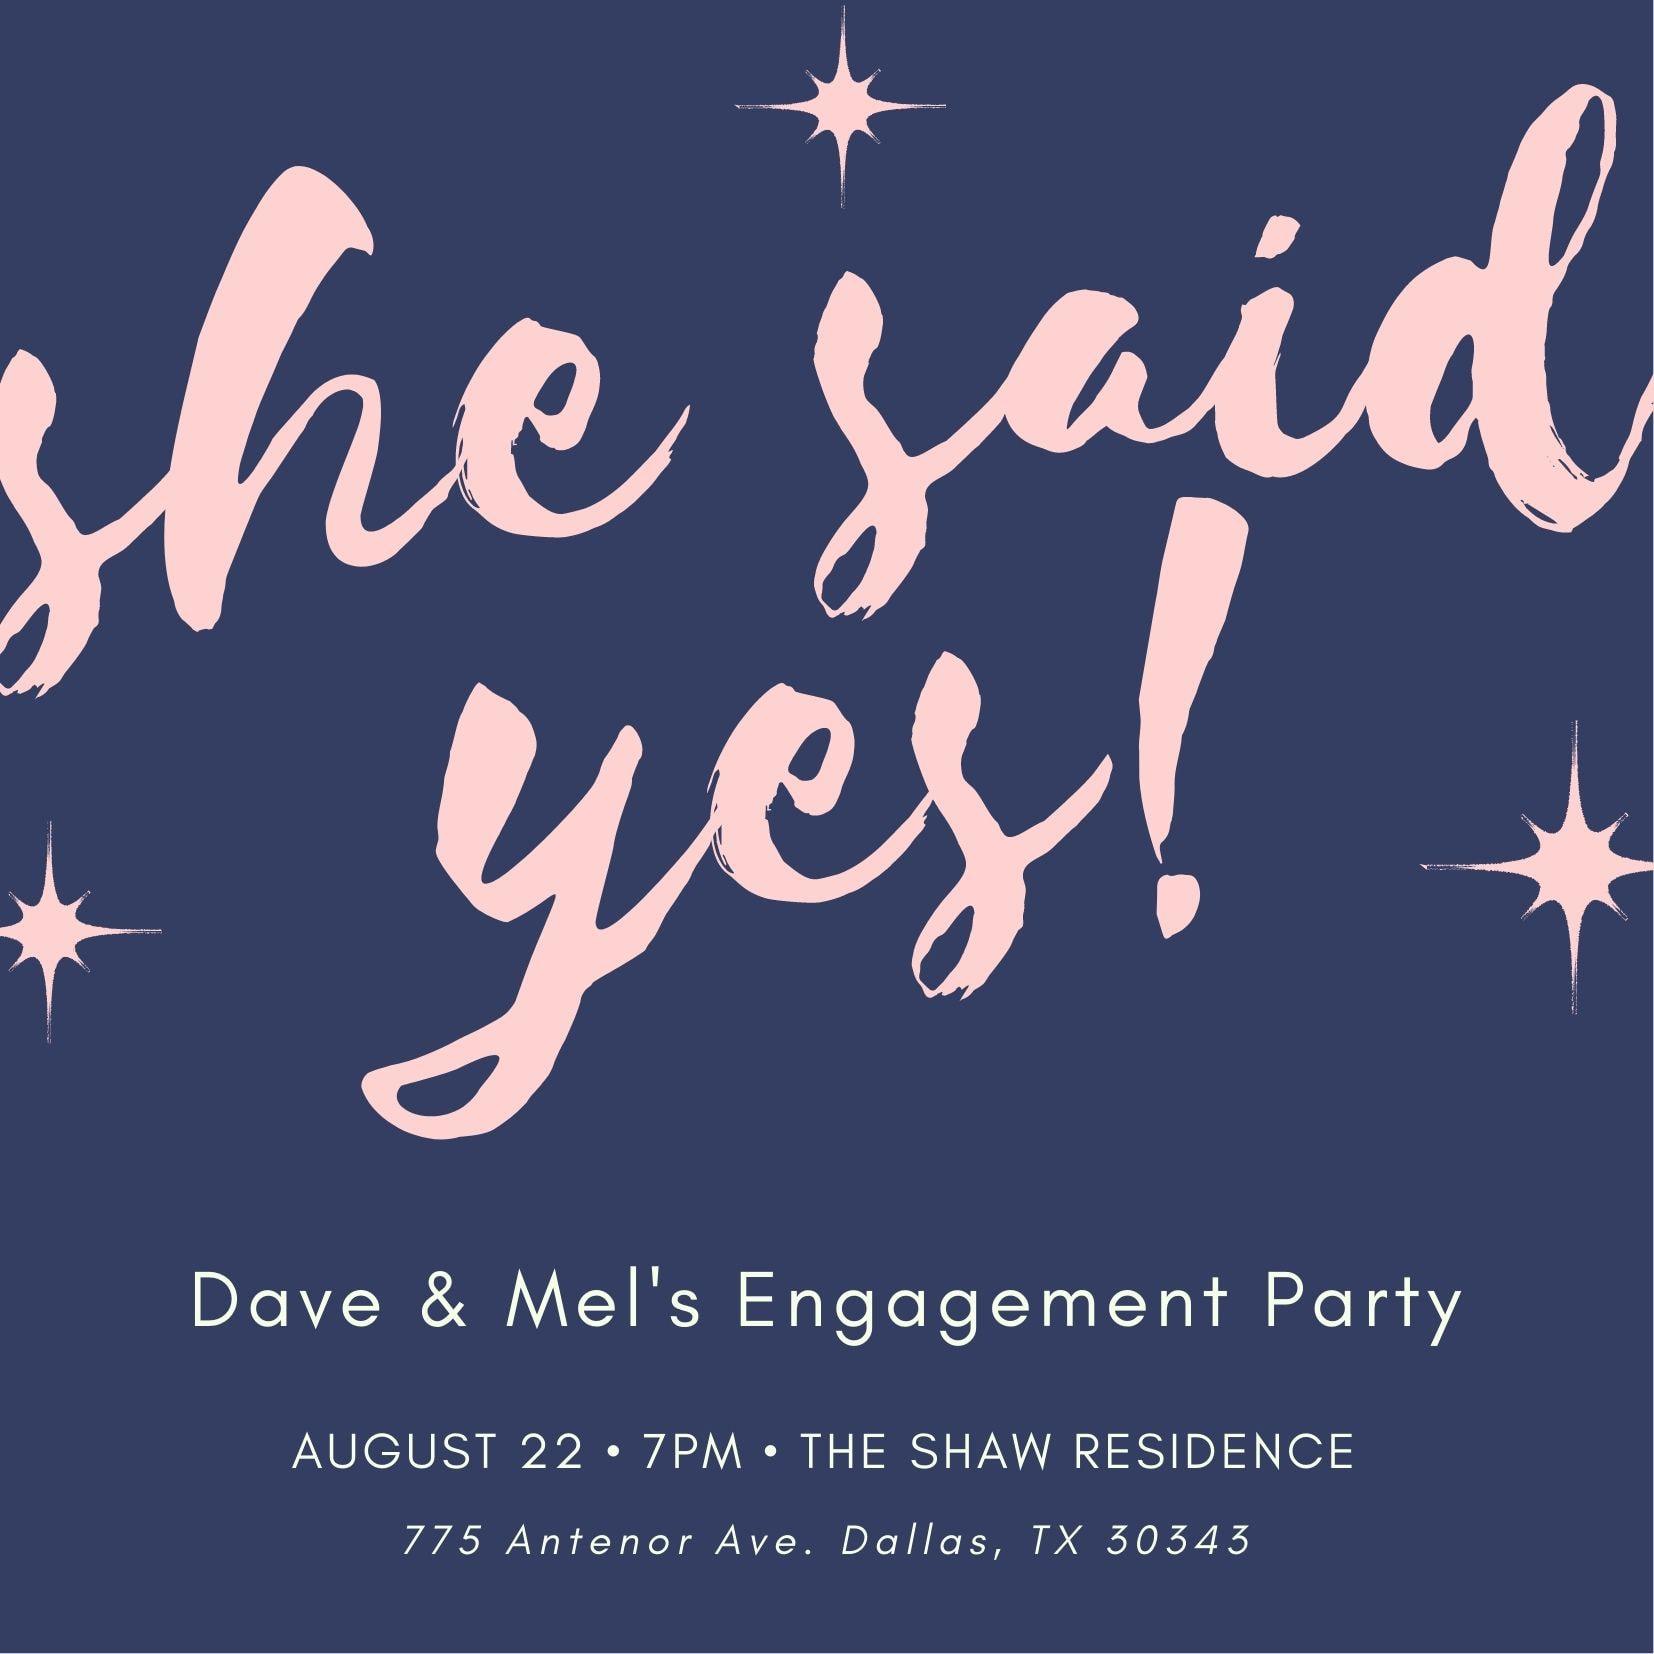 Convites para festas de noivado